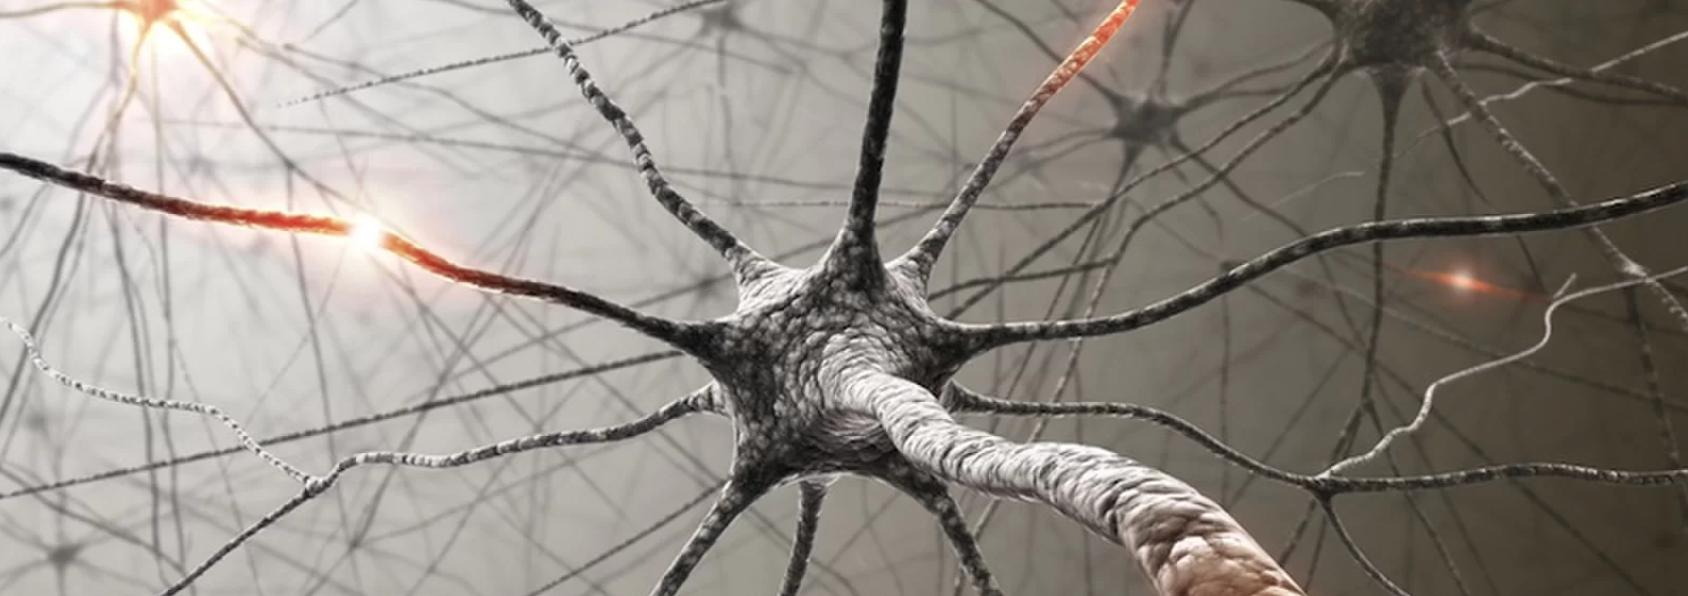 الجهاز العصبي المركزي